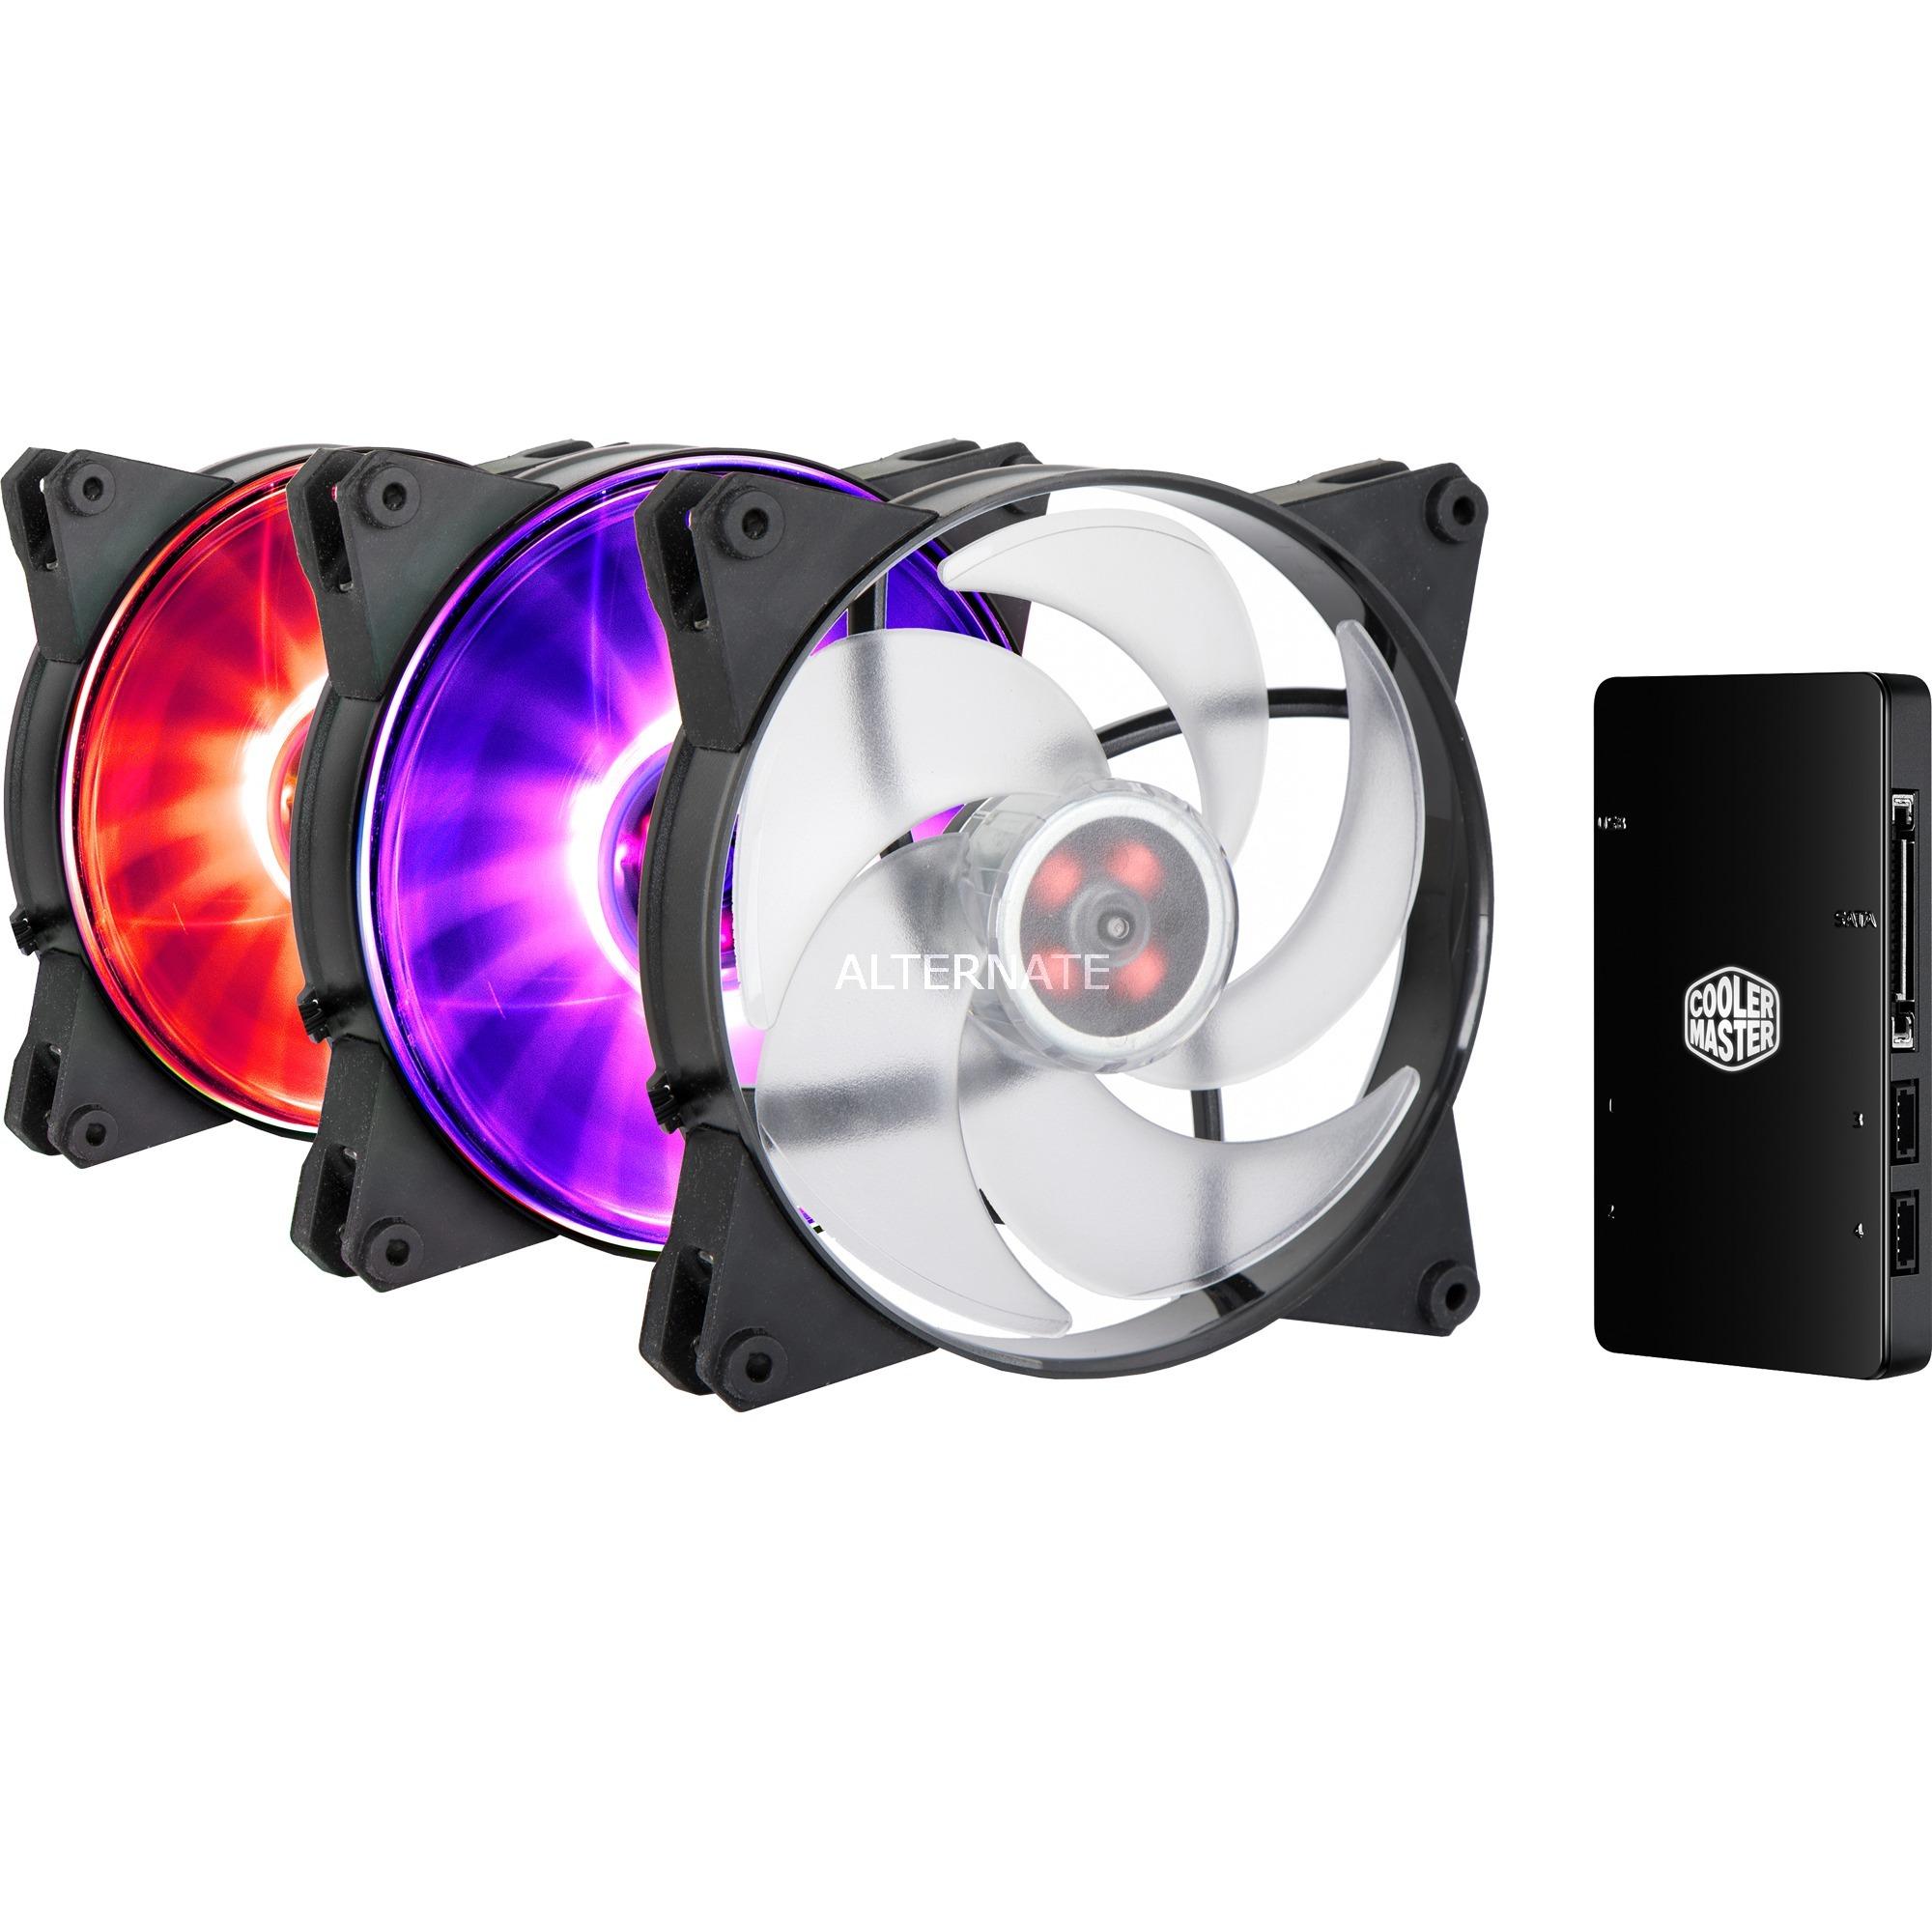 MasterFan Pro 140 Air Pressure RGB Boitier PC Ventilateur, Ventilateur de boîtier